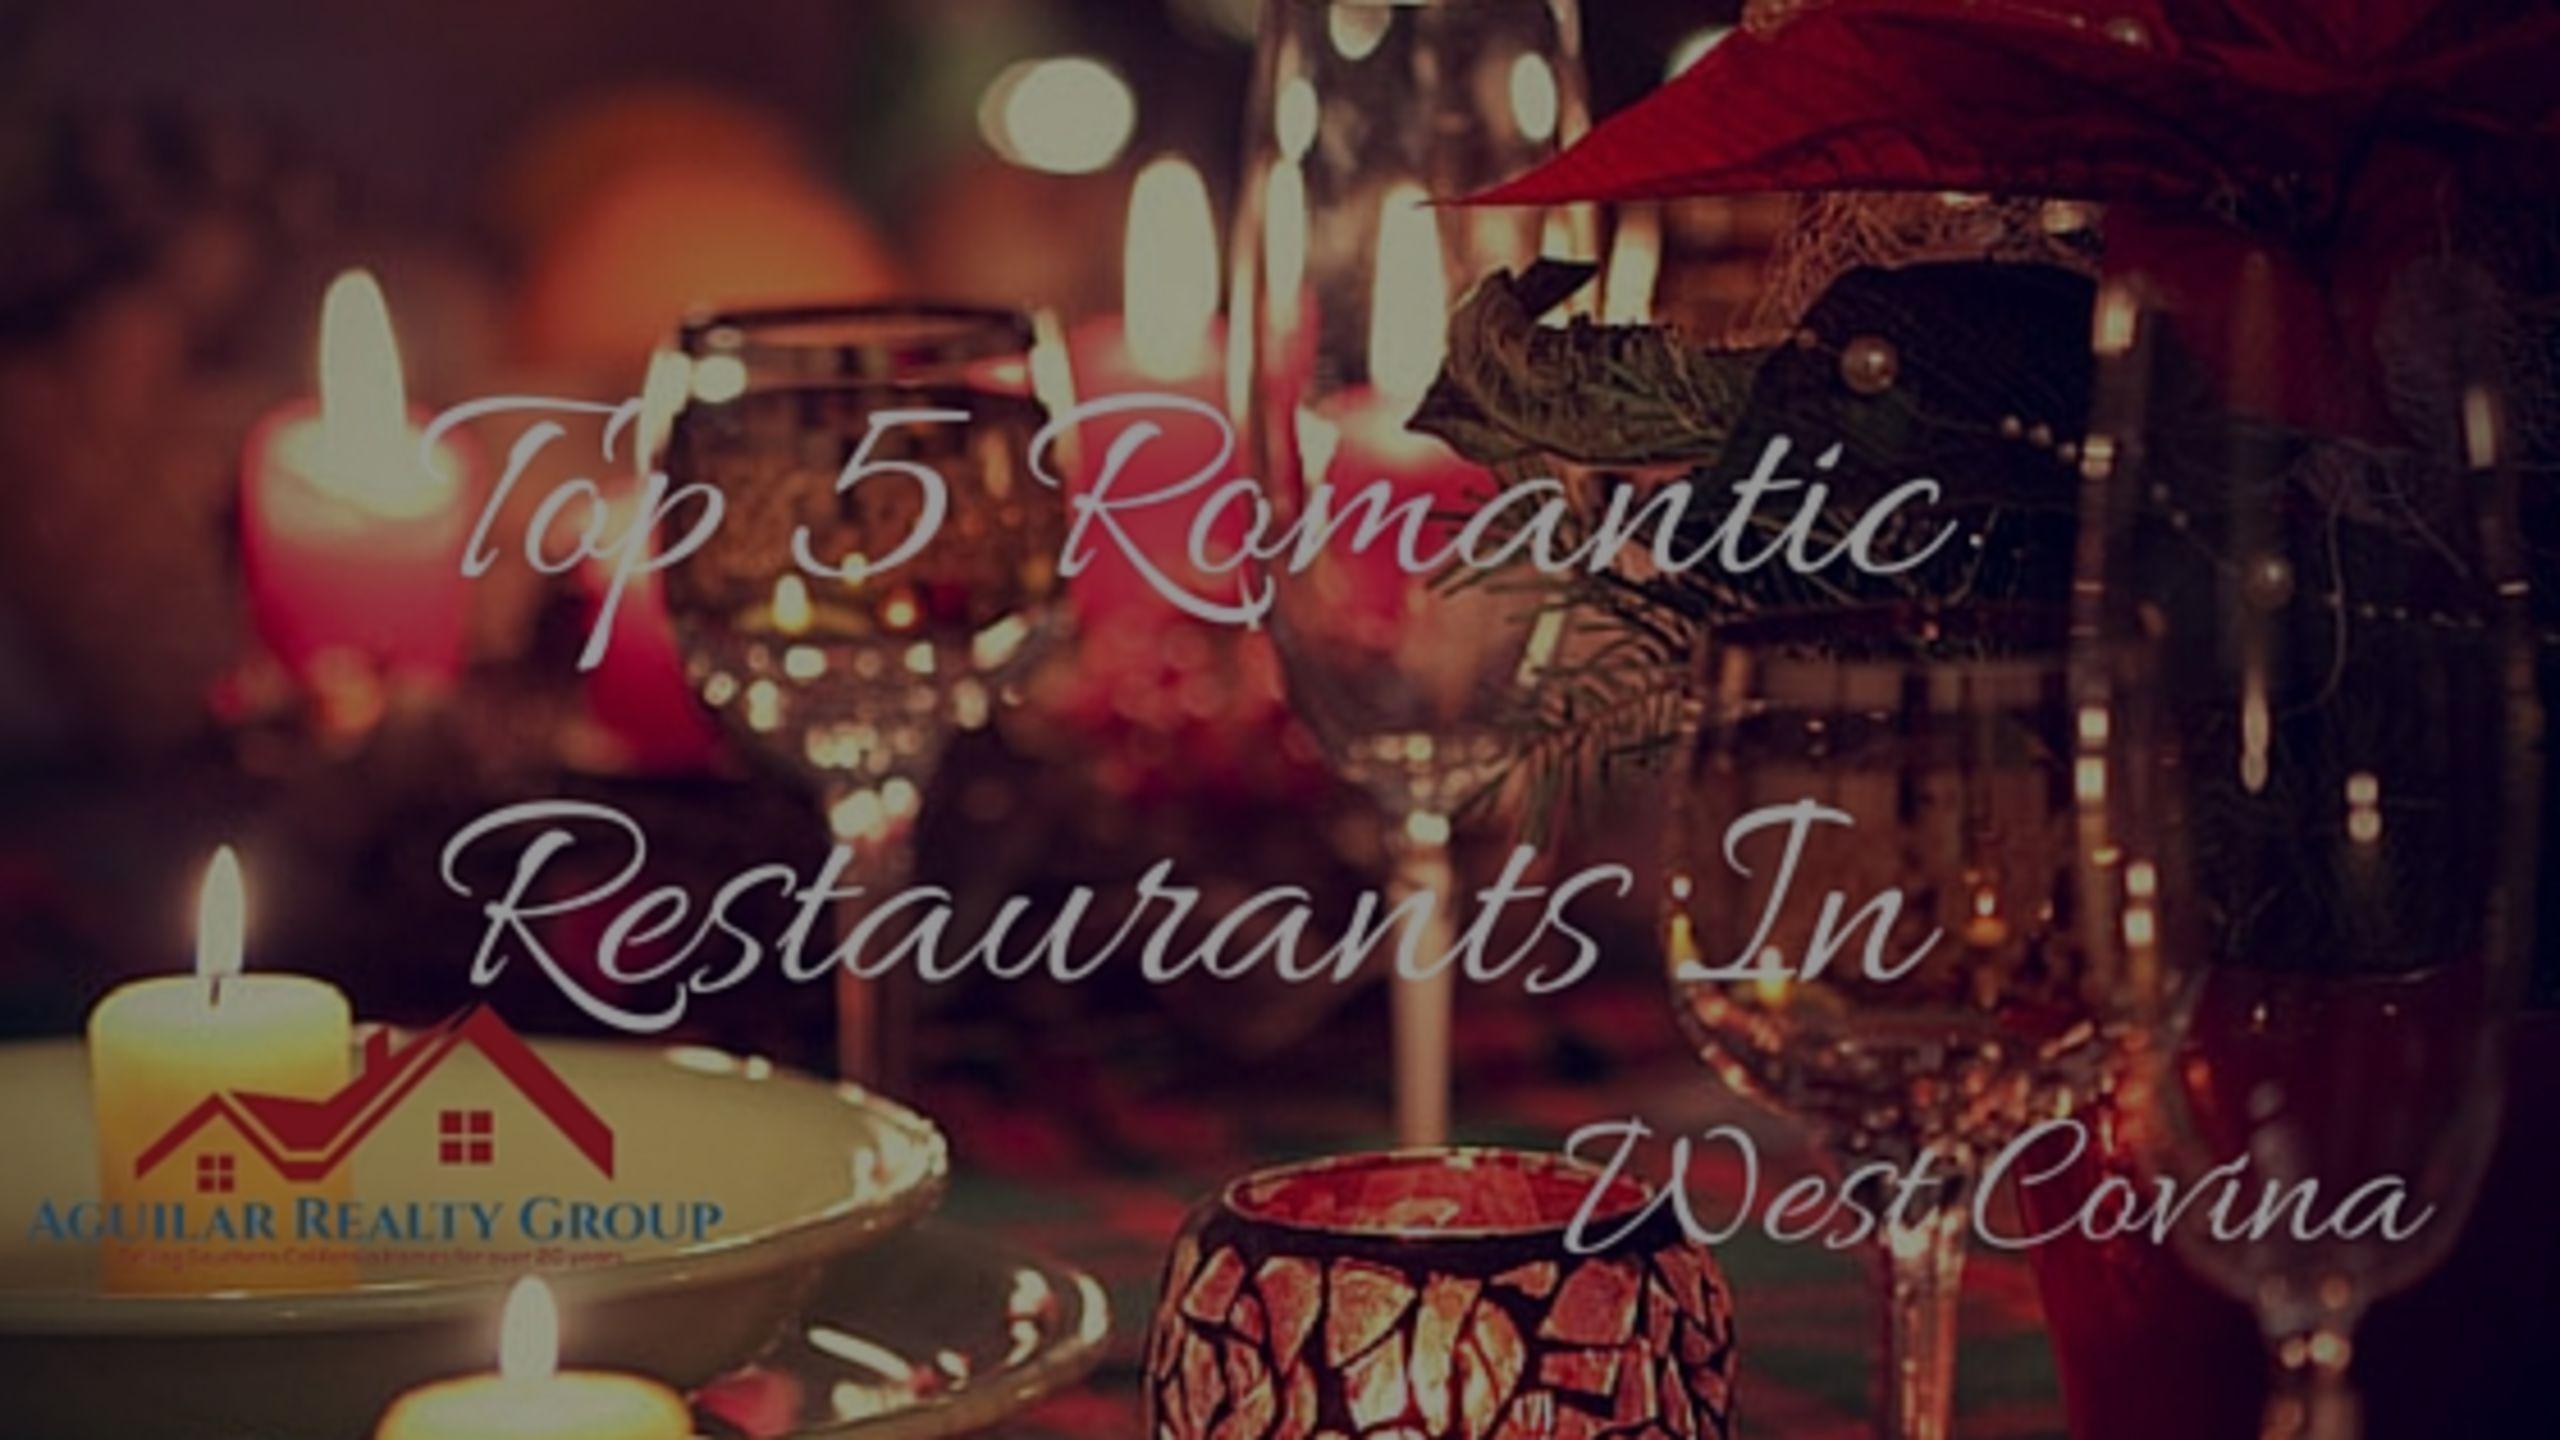 Top 5 romantic restaurants in West Covina